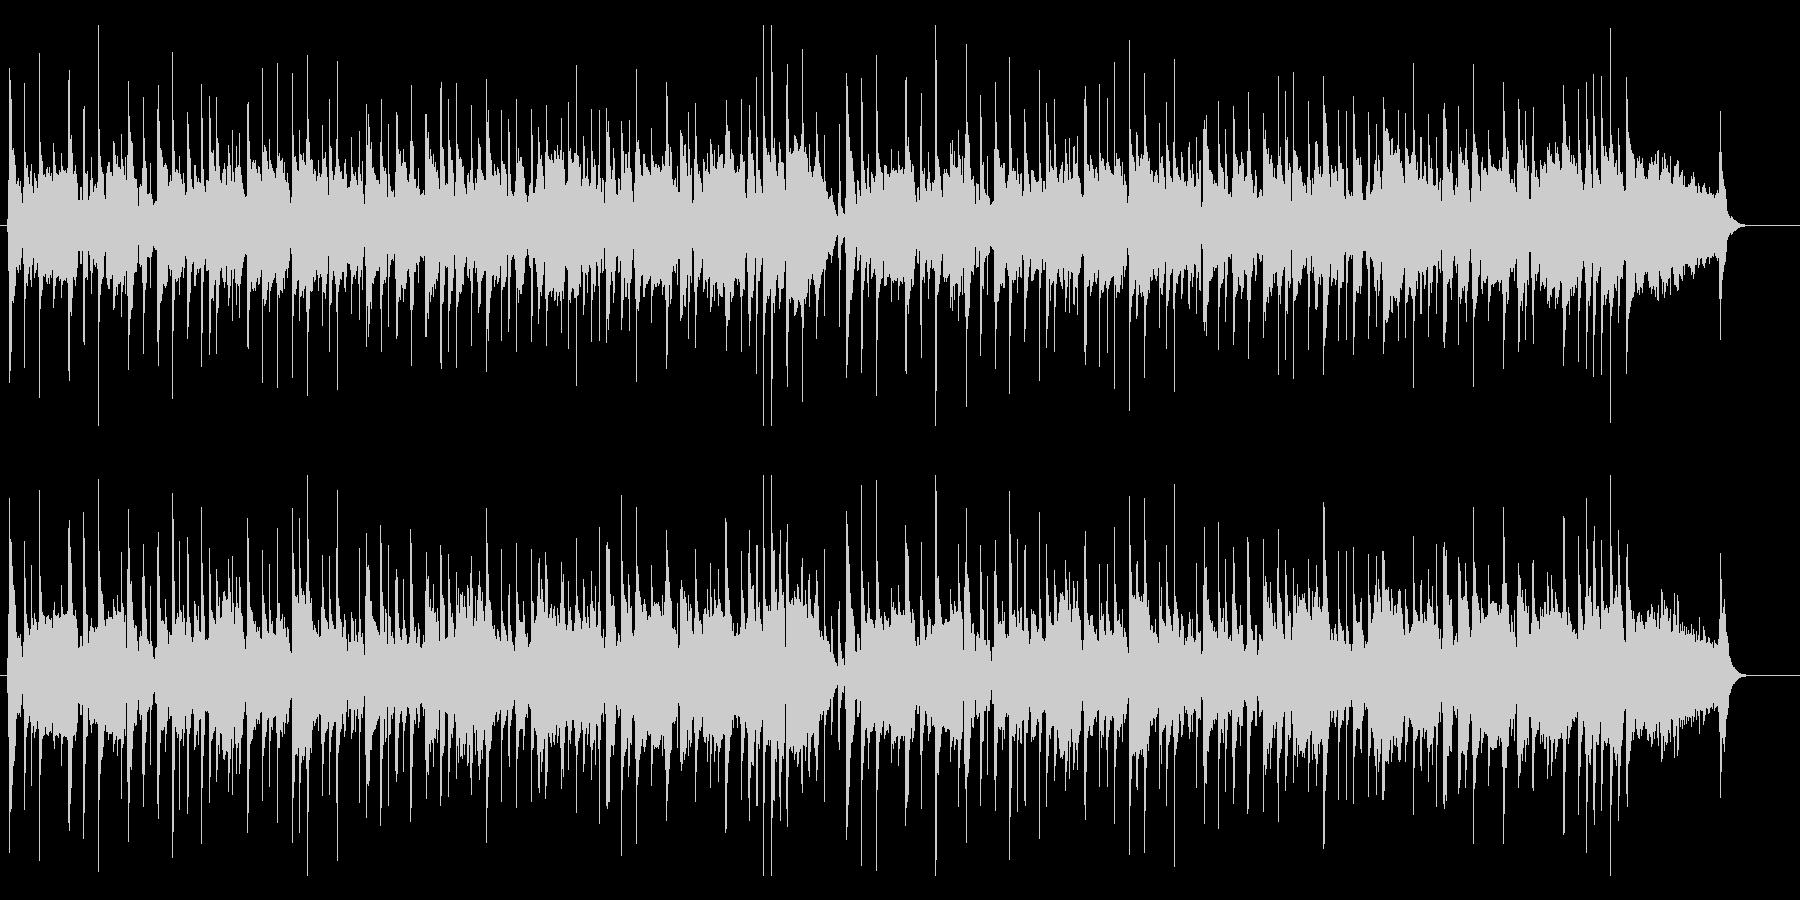 尺八・箏・三味線の純和風さくらさくら(長の未再生の波形